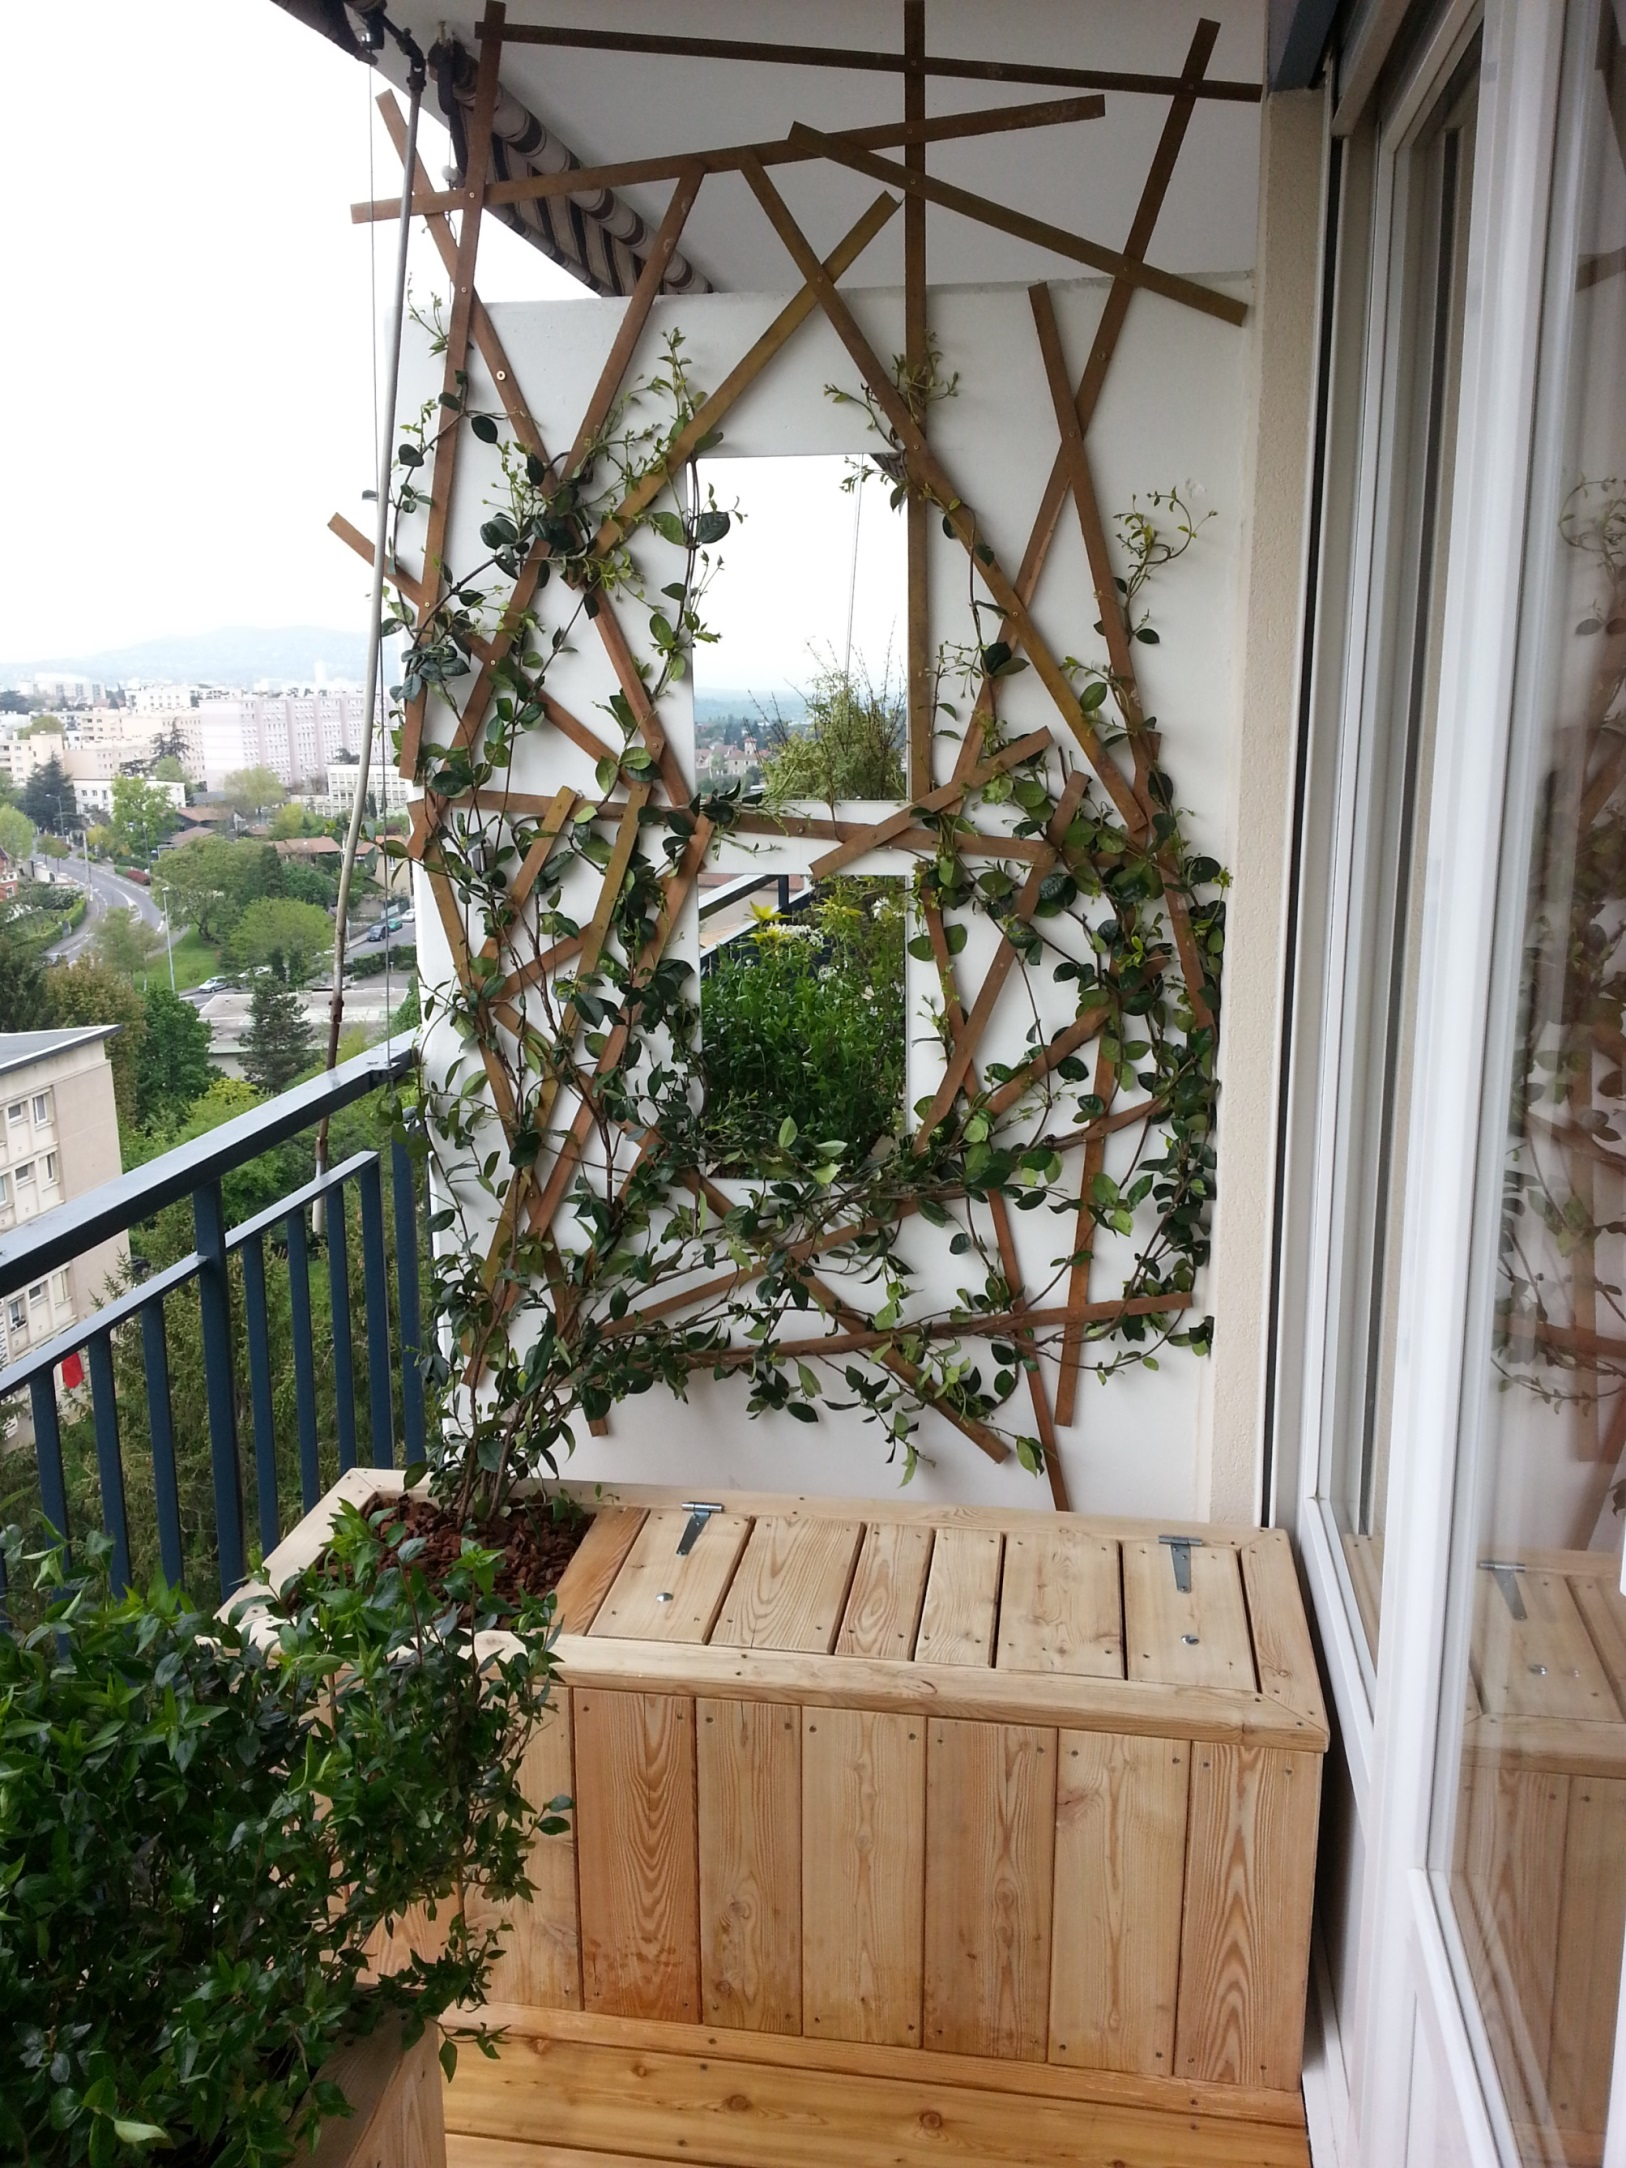 paysagiste lyon paysagiste lyon jardin naturel paysagiste. Black Bedroom Furniture Sets. Home Design Ideas